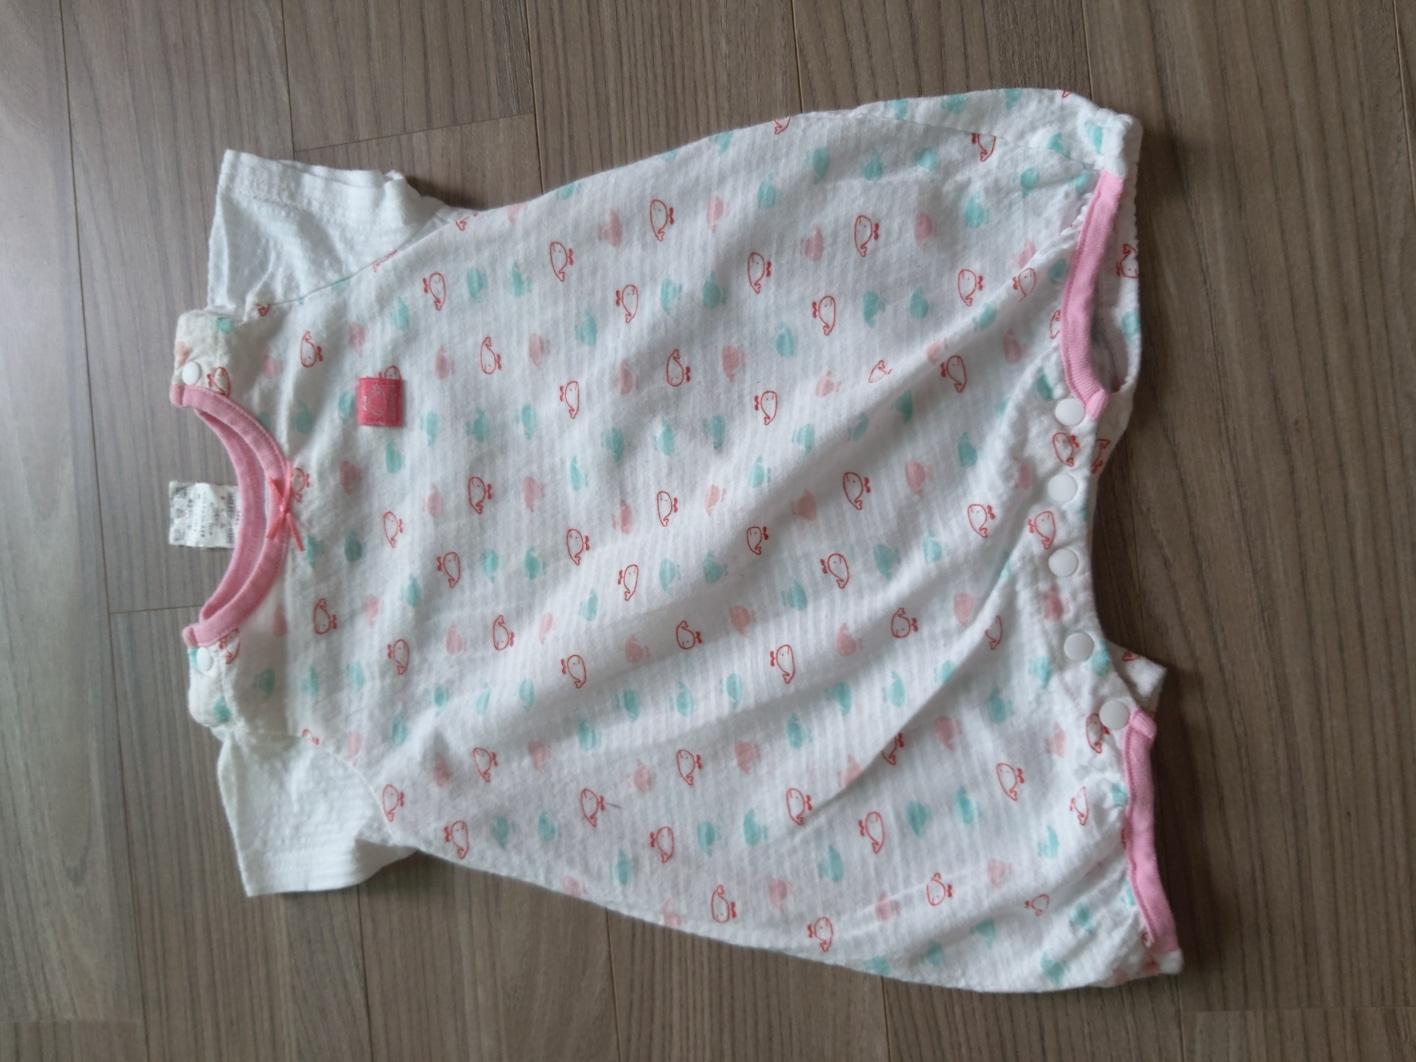 파코라반 여자 아기옷 75사이즈